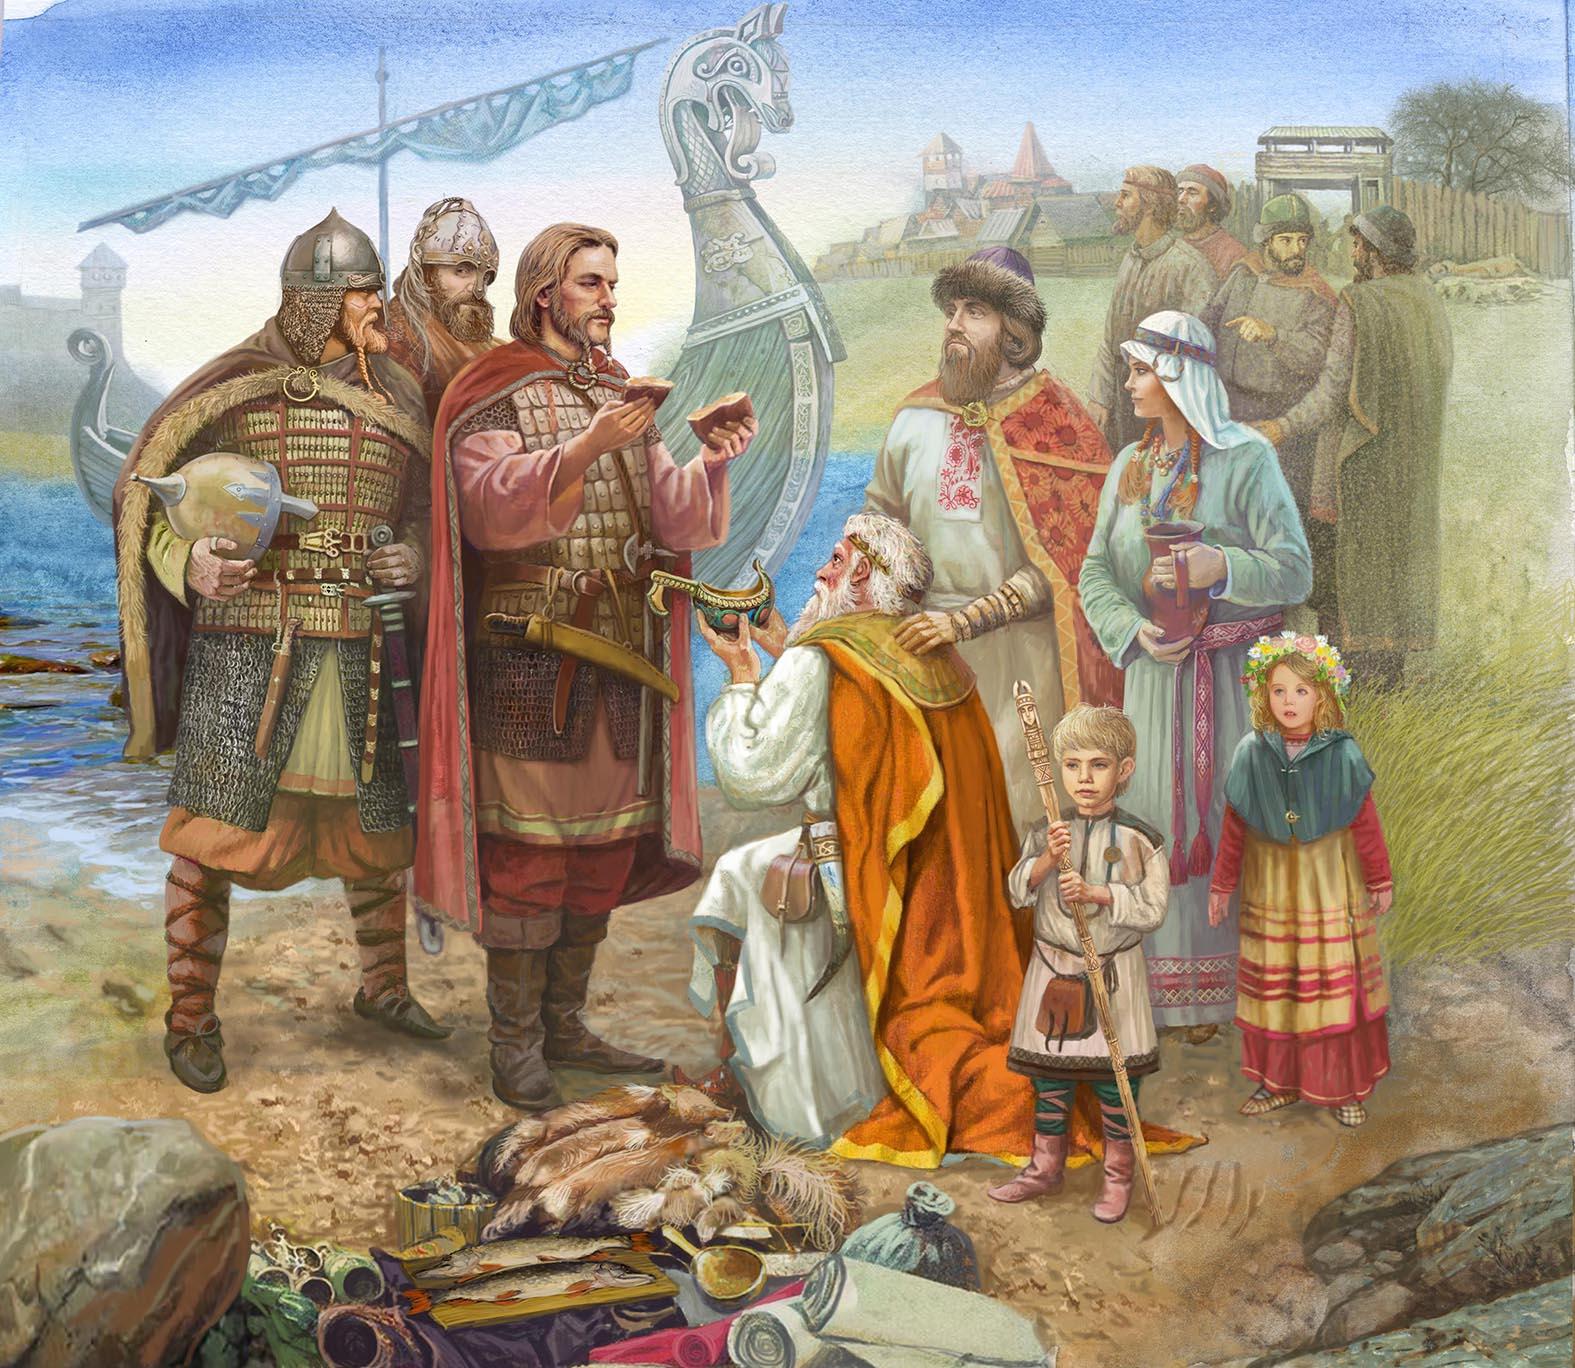 Призвание Рюрика. В. Дударенко. Из века в век - одна идея, одна композиция: три брата и драккар слева, народ справа.